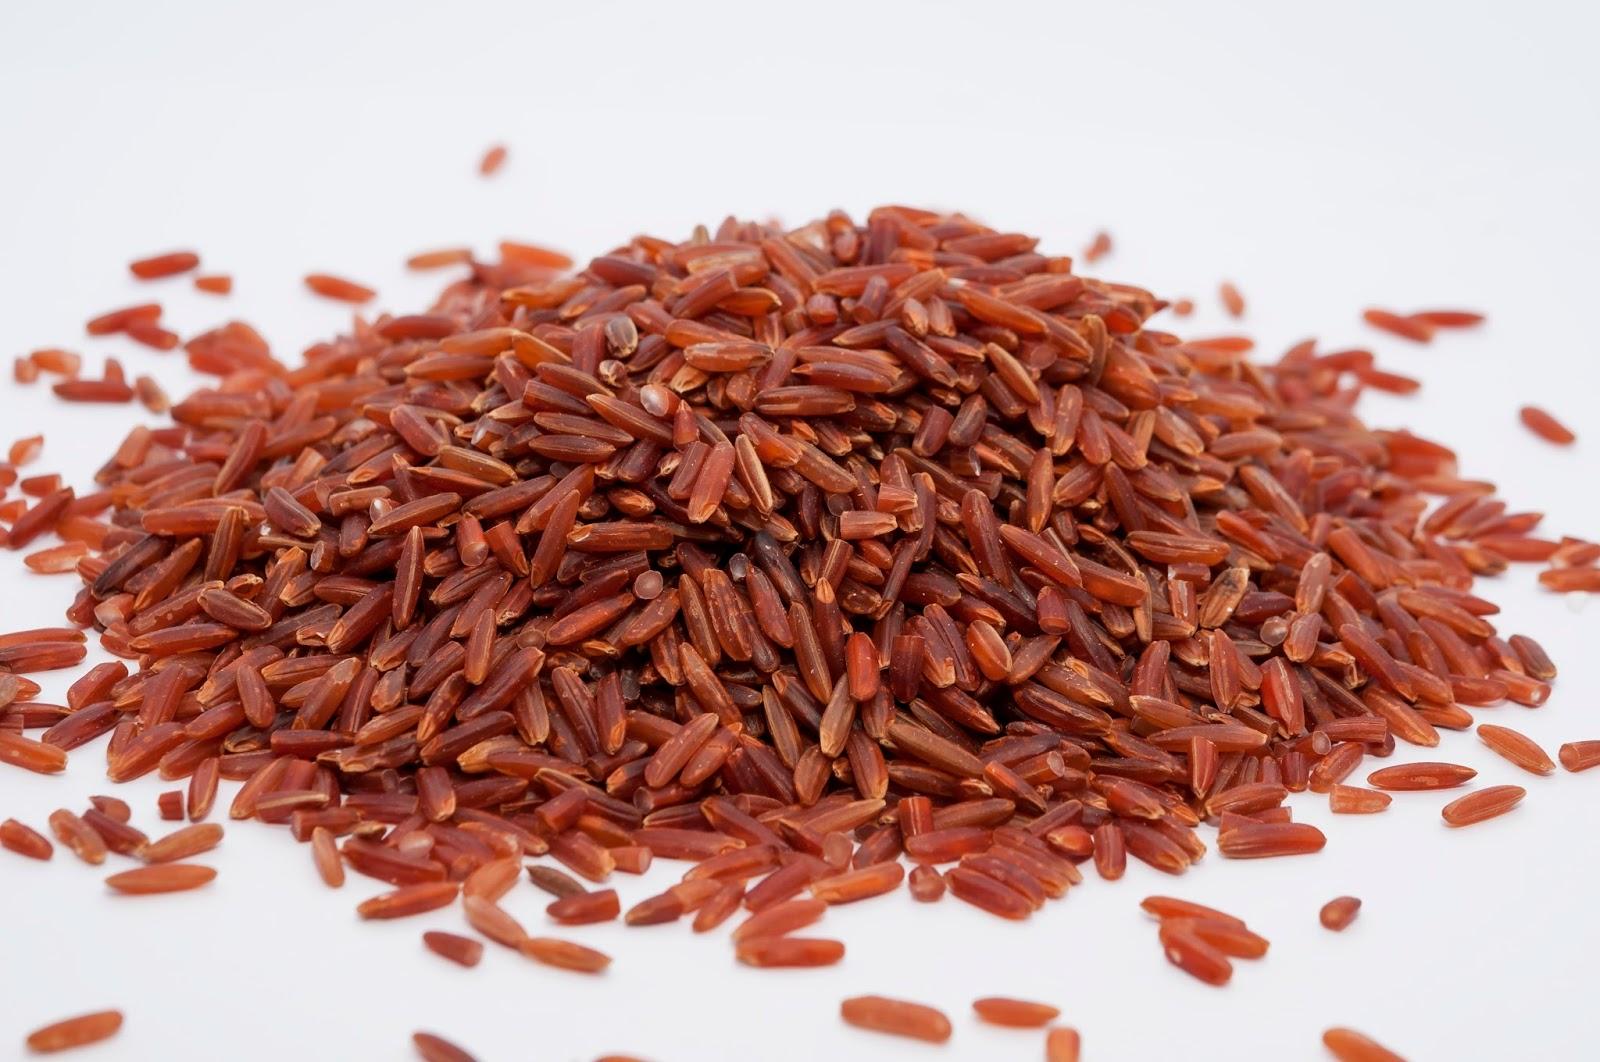 Gạo lứt đỏ có tác dụng gì bạn đã biết chưa?